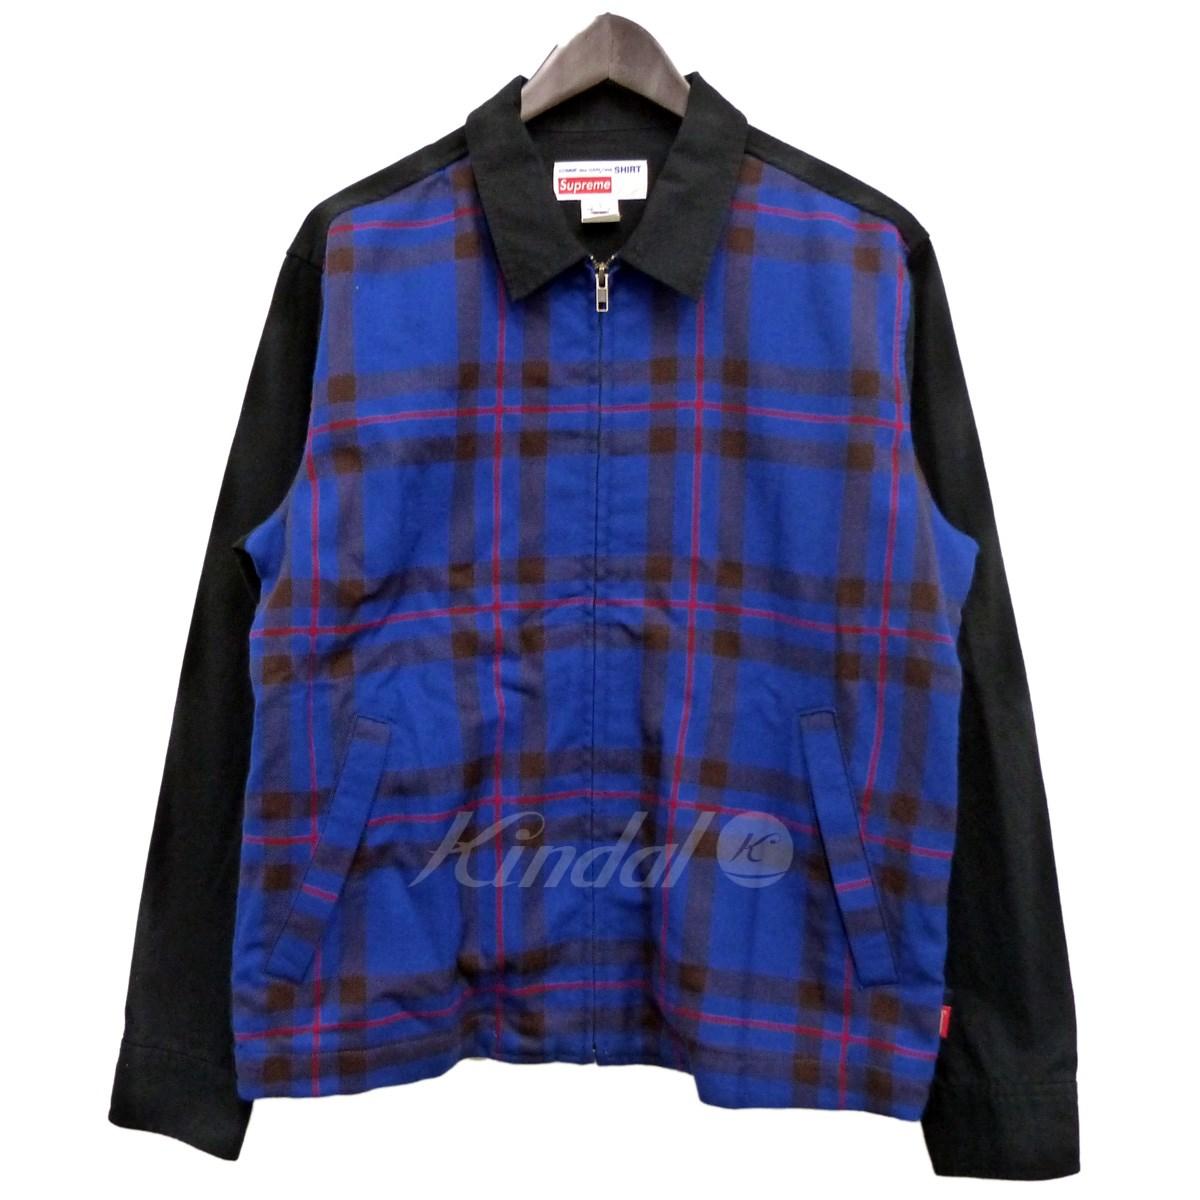 【5月31日 お値段見直しました】【中古】Supreme x Comme des Garcons SHIRT15AW「Work Jacket」ワークジャケット ブラック サイズ:S 【送料無料】